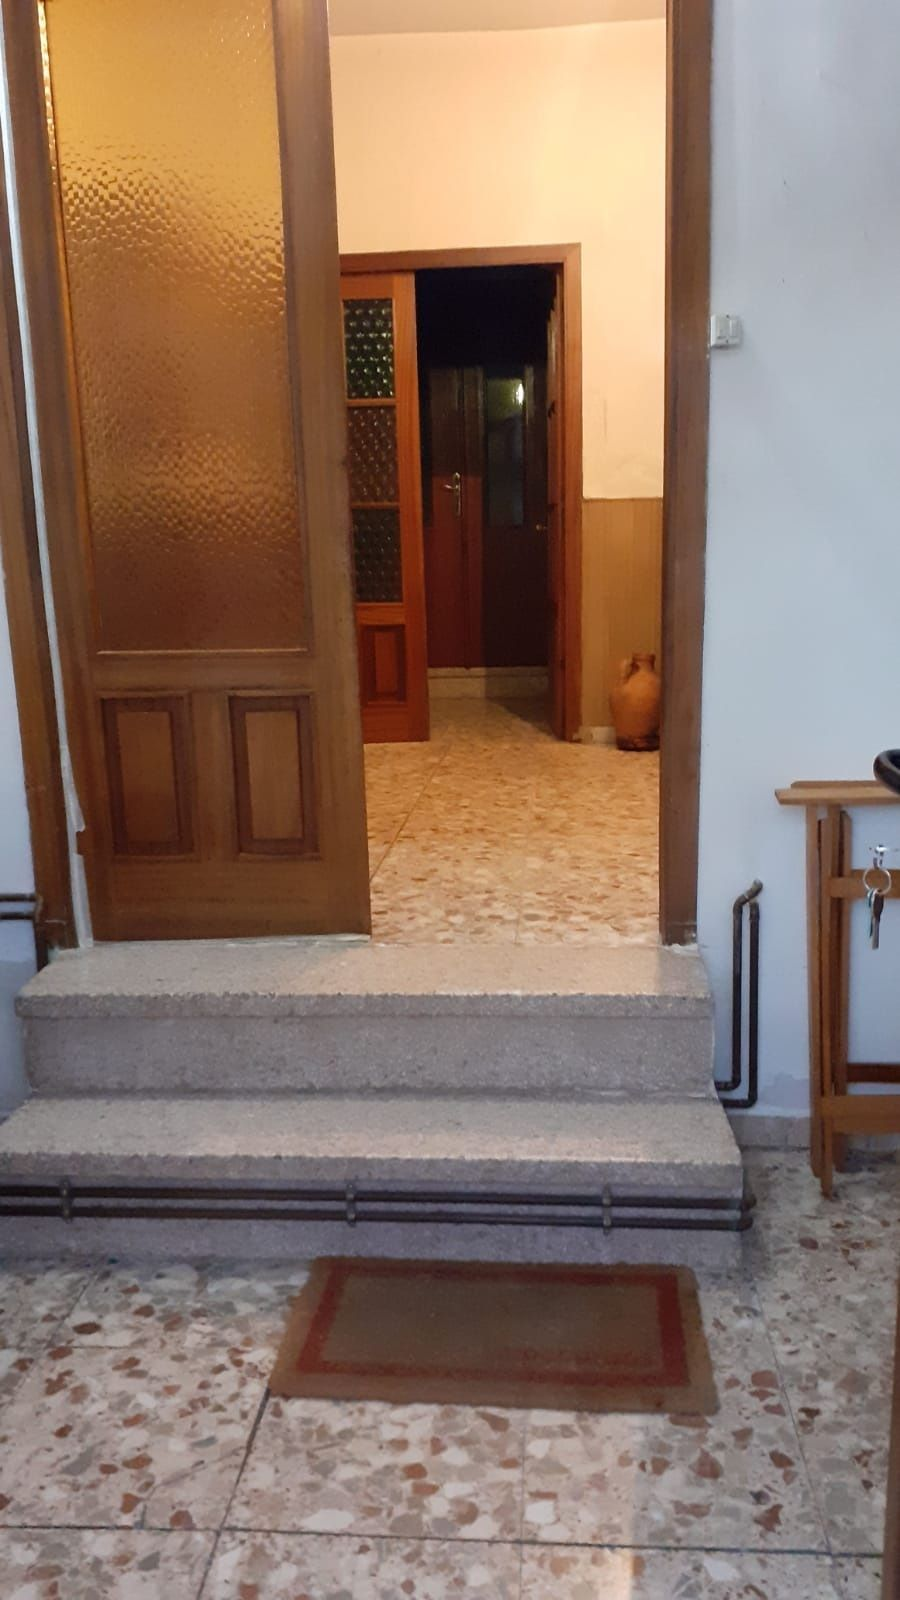 dia.mobiliagestion.es/Portals/inmoatrio/Images/6889/5023357